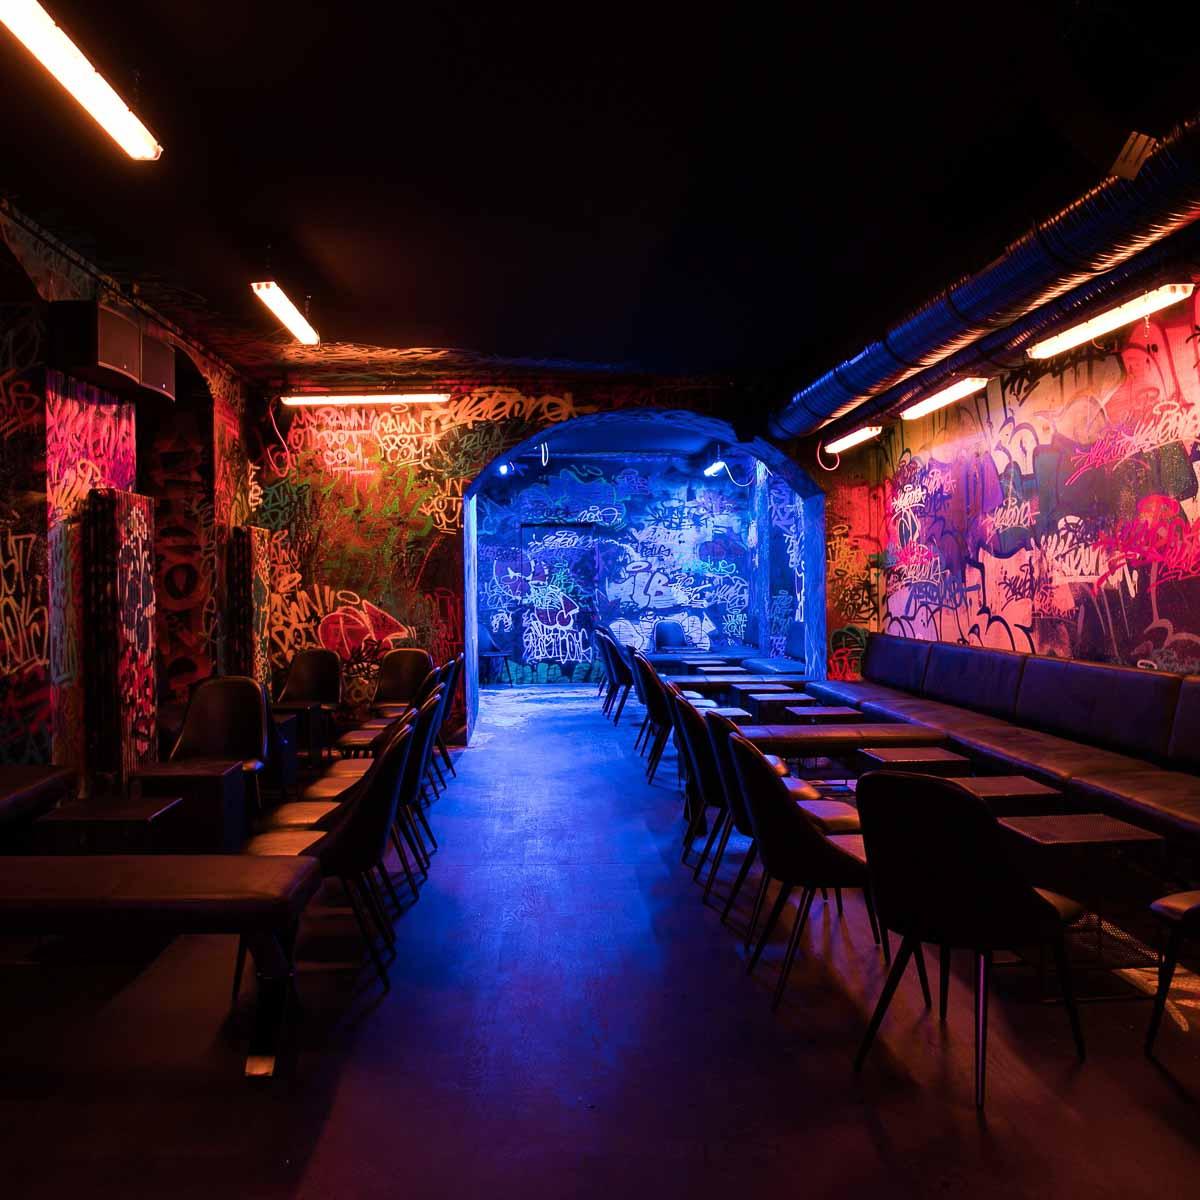 Pawn Dot Com Bar auf der Torstarße in Berlin-Mitte-2